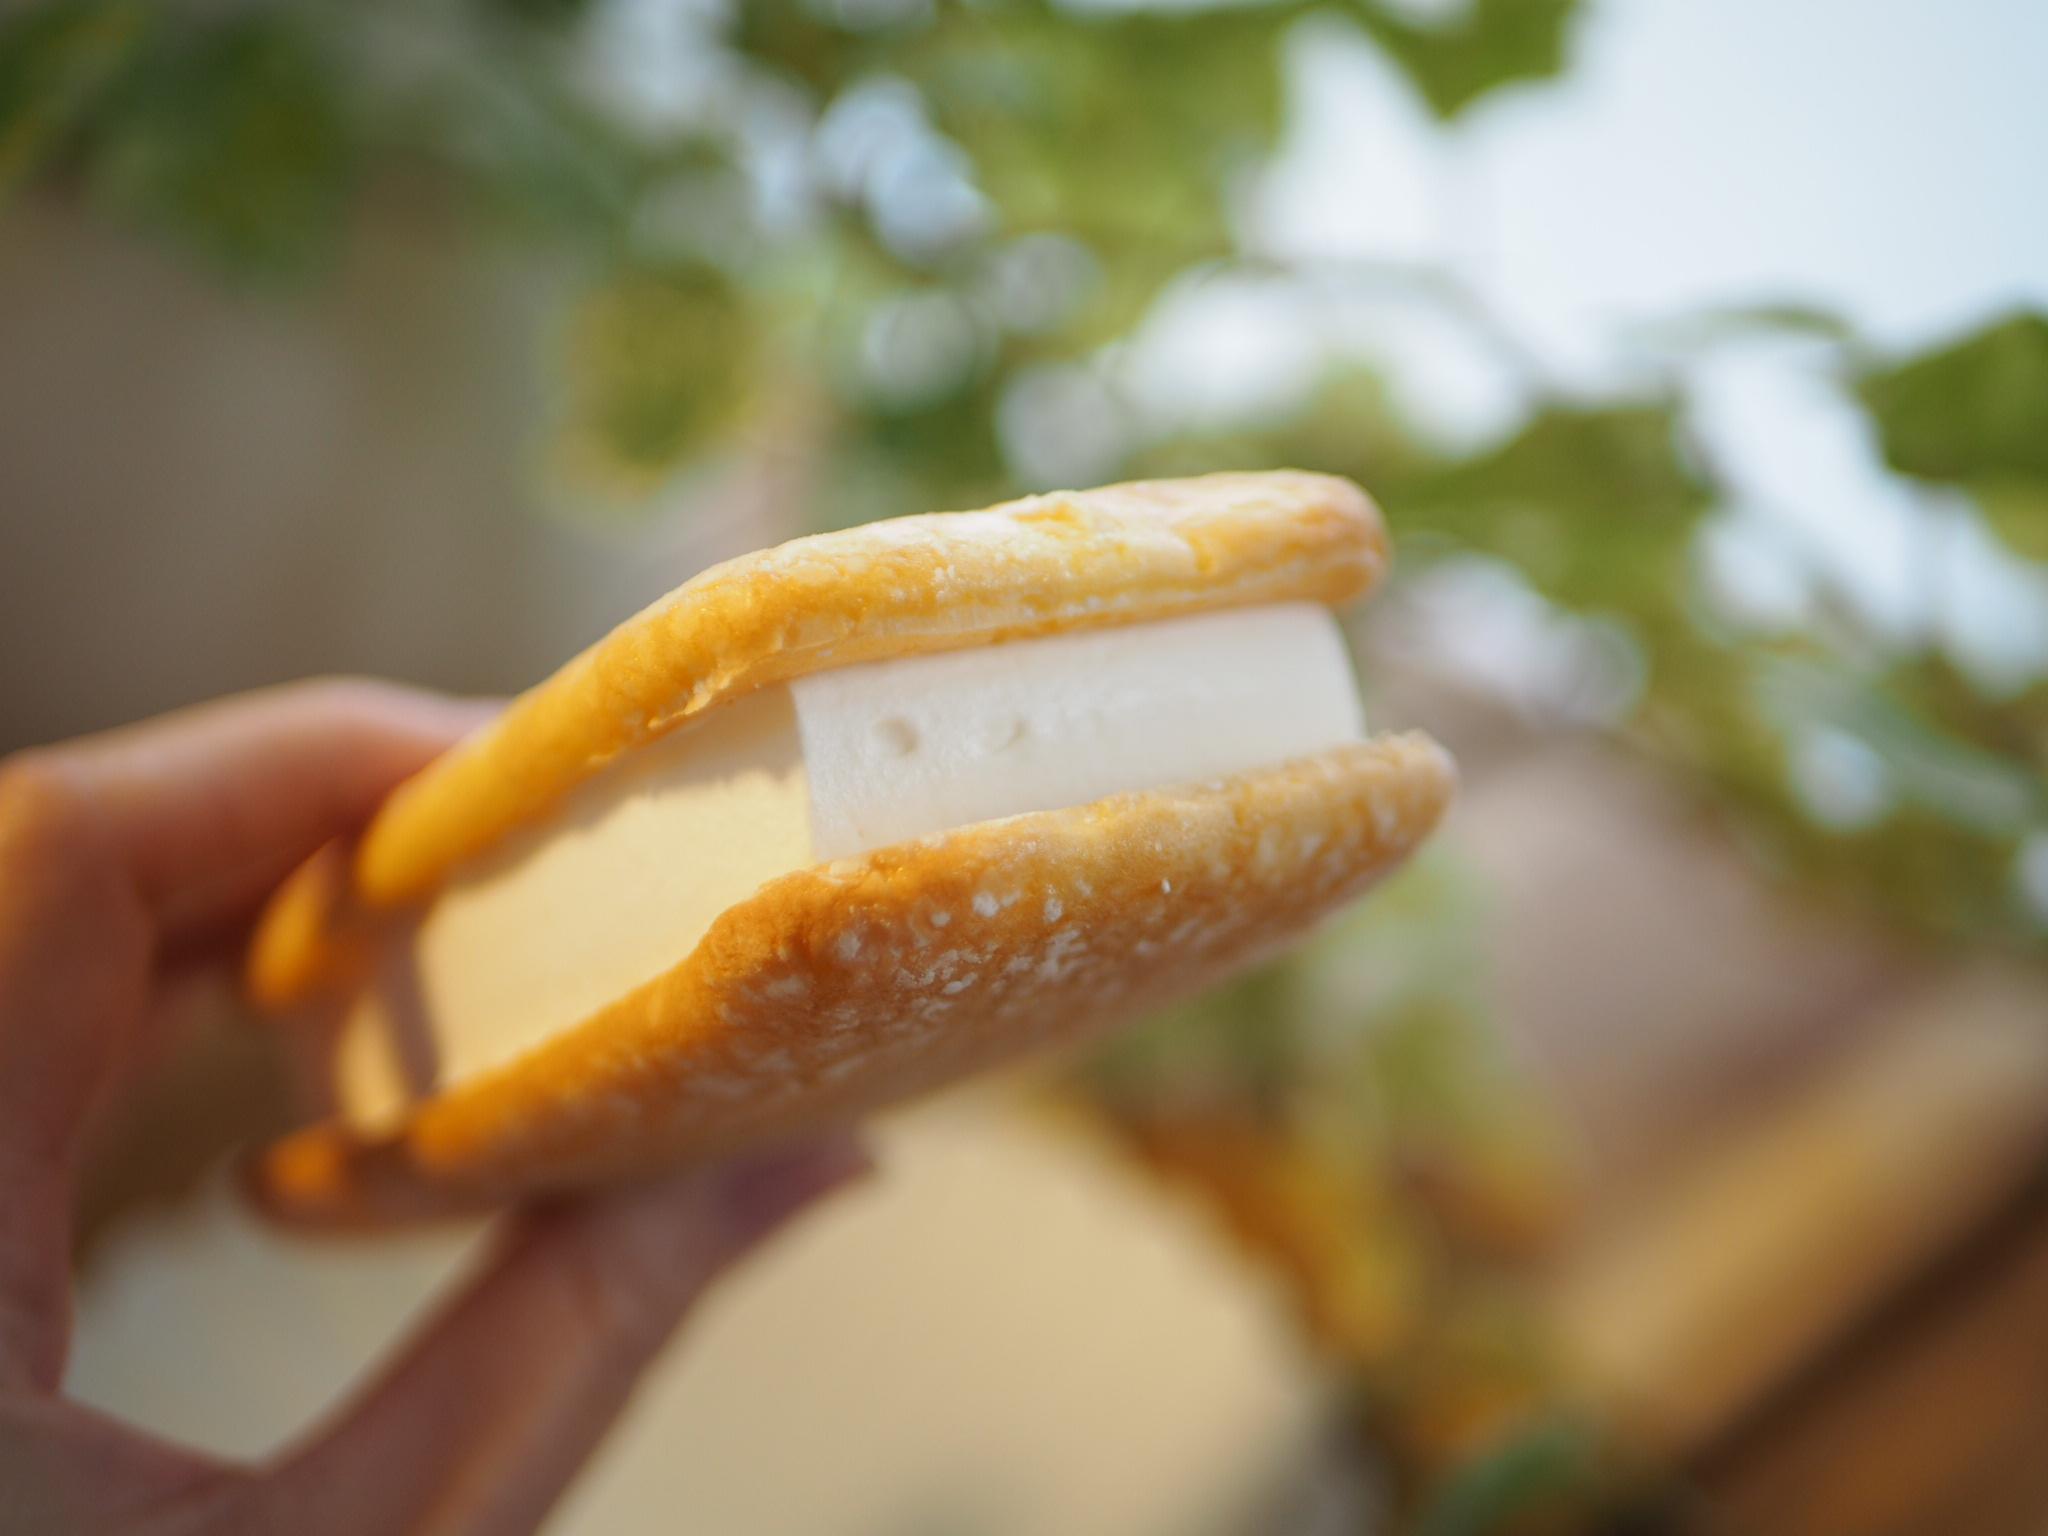 【おすすめアイス】一度は食べて!ファミマ限定アイス《ふわっふわケーキサンド》が美味しい♡_6